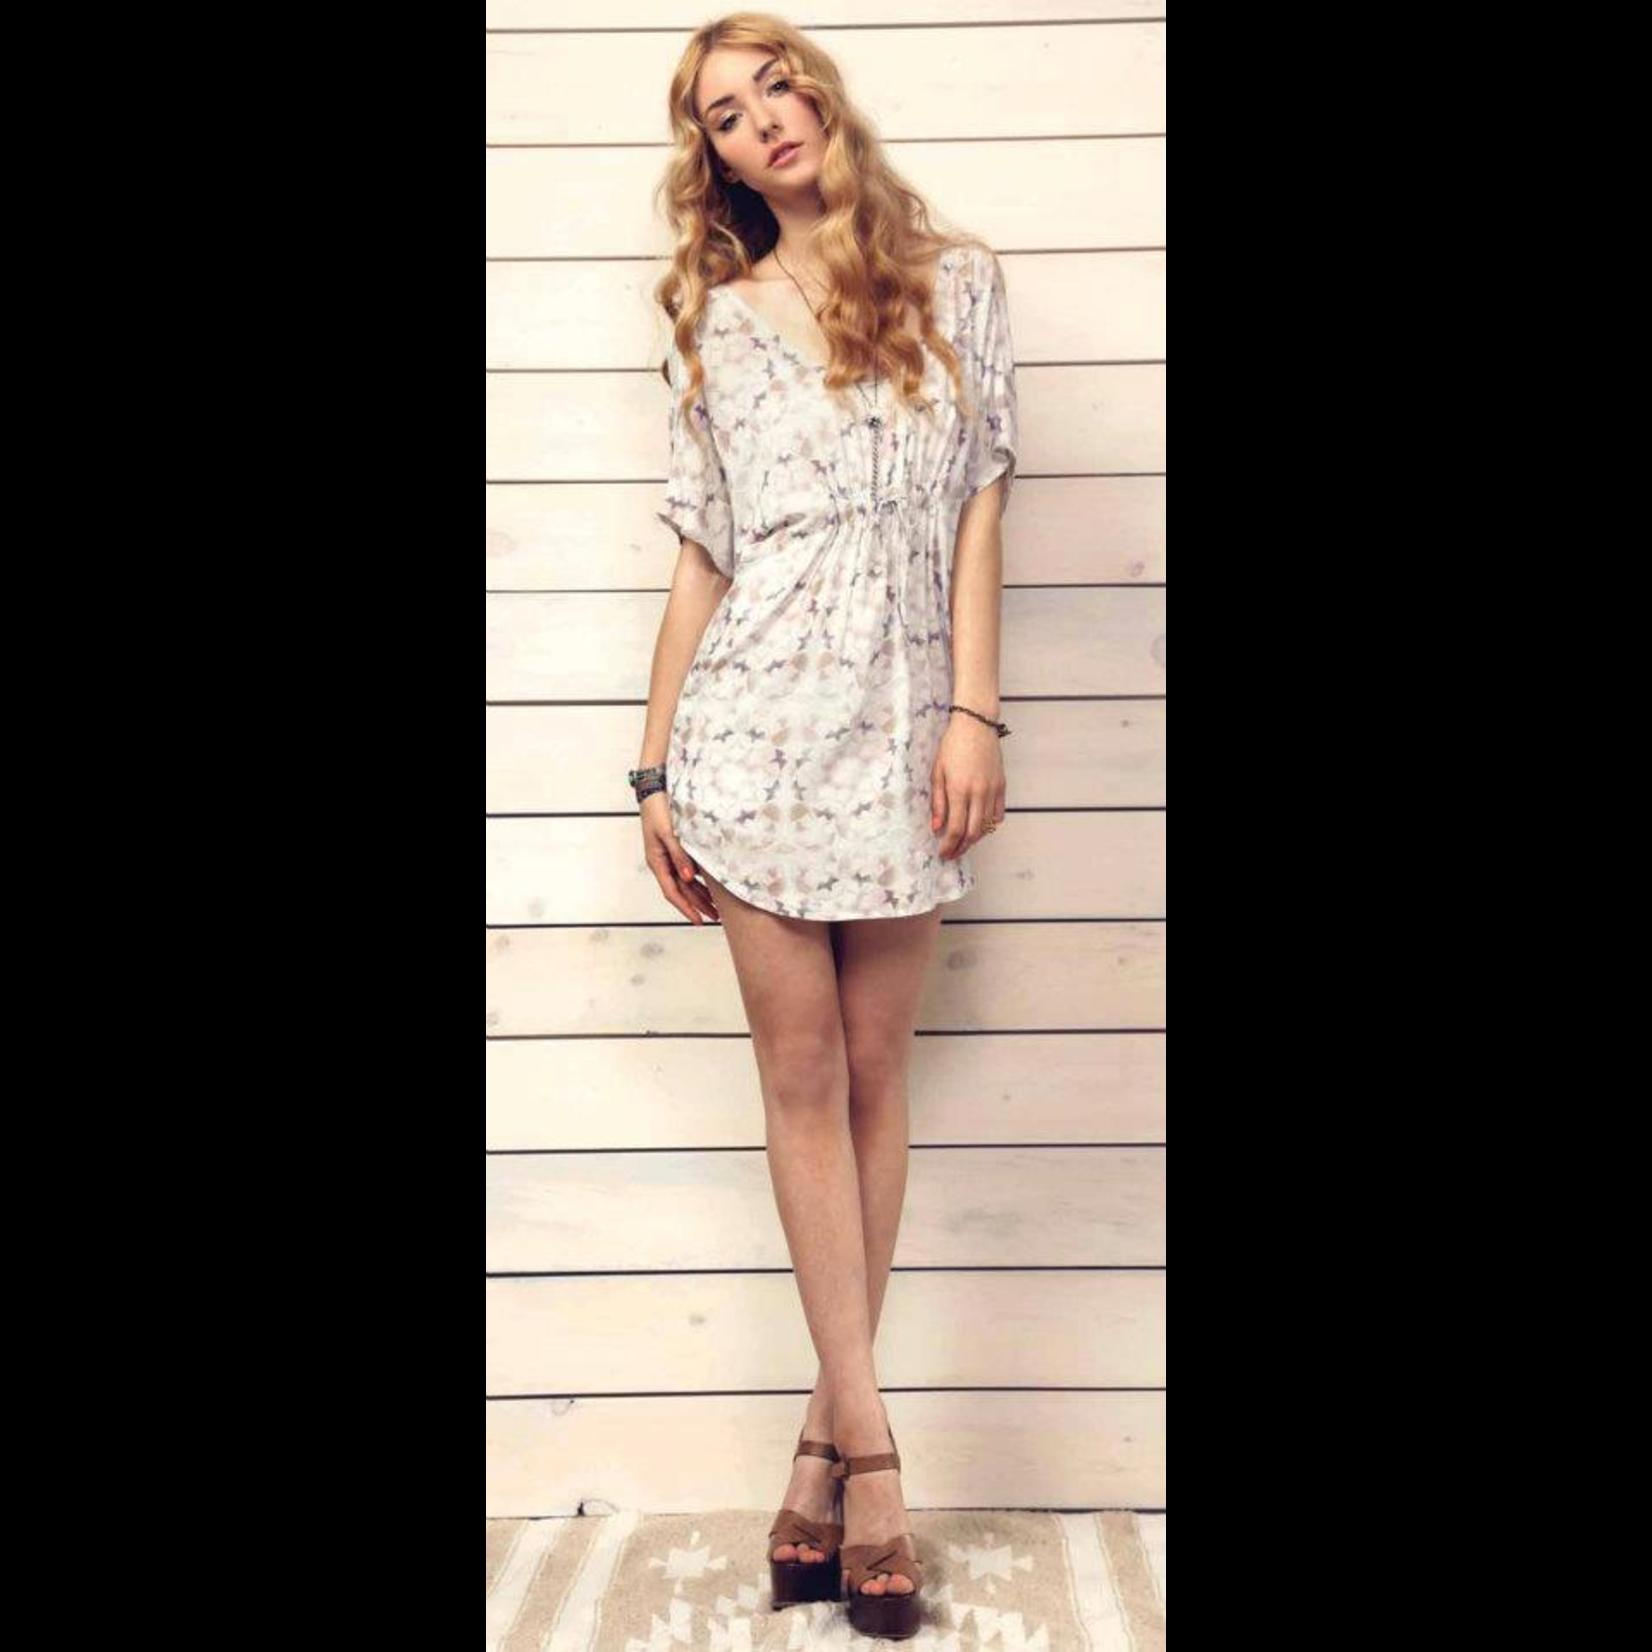 Gentle Fawn Gentle Fawn Inspire Dress, sale item, Was $100